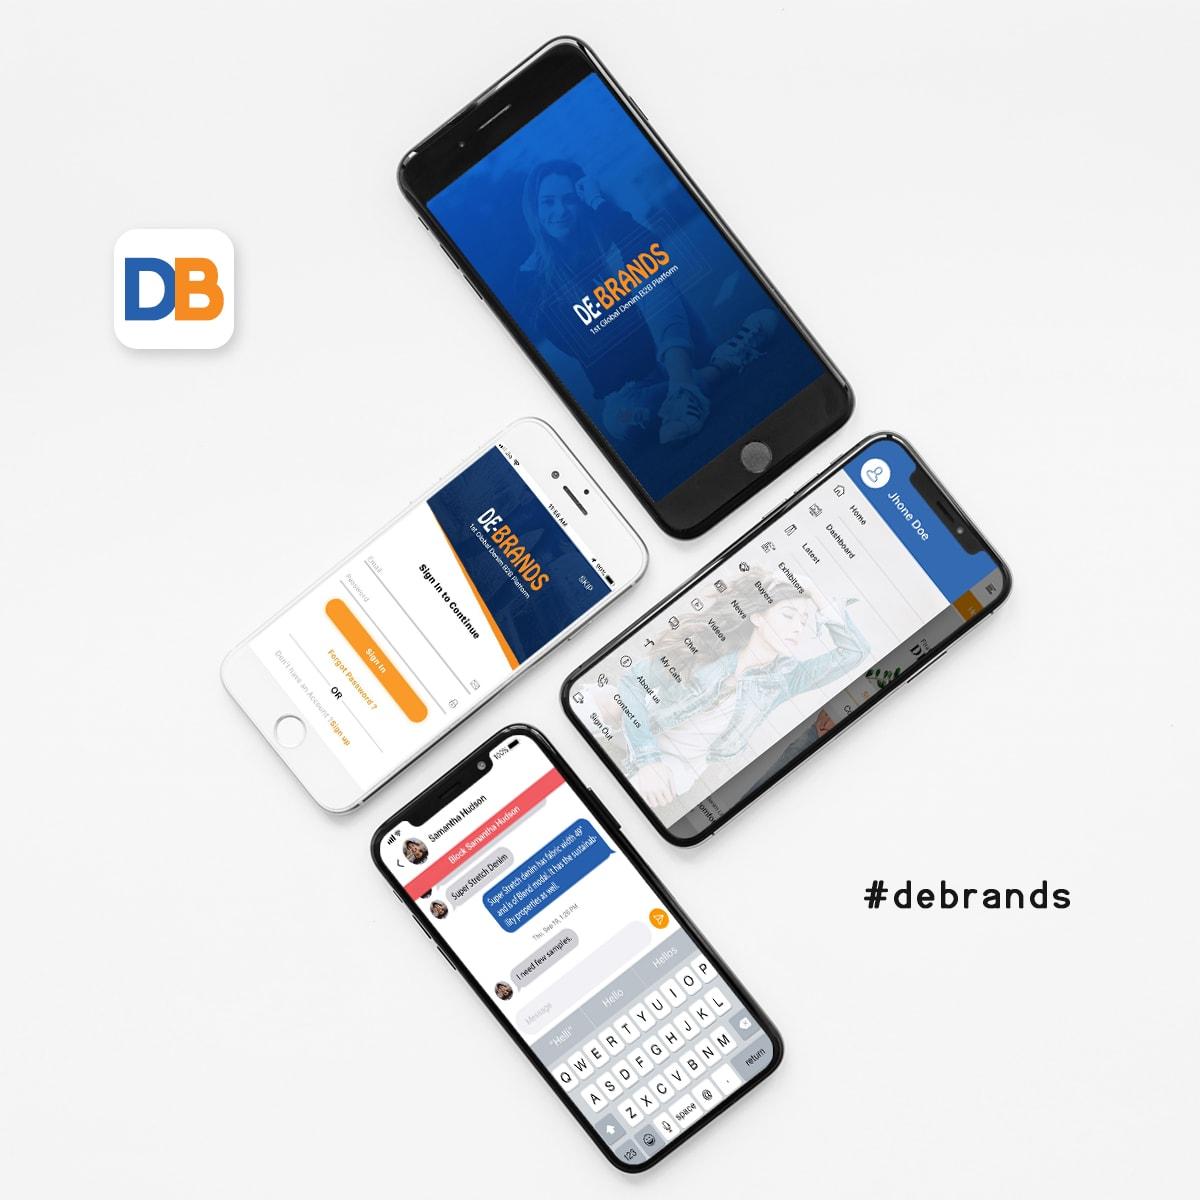 DE-Brands